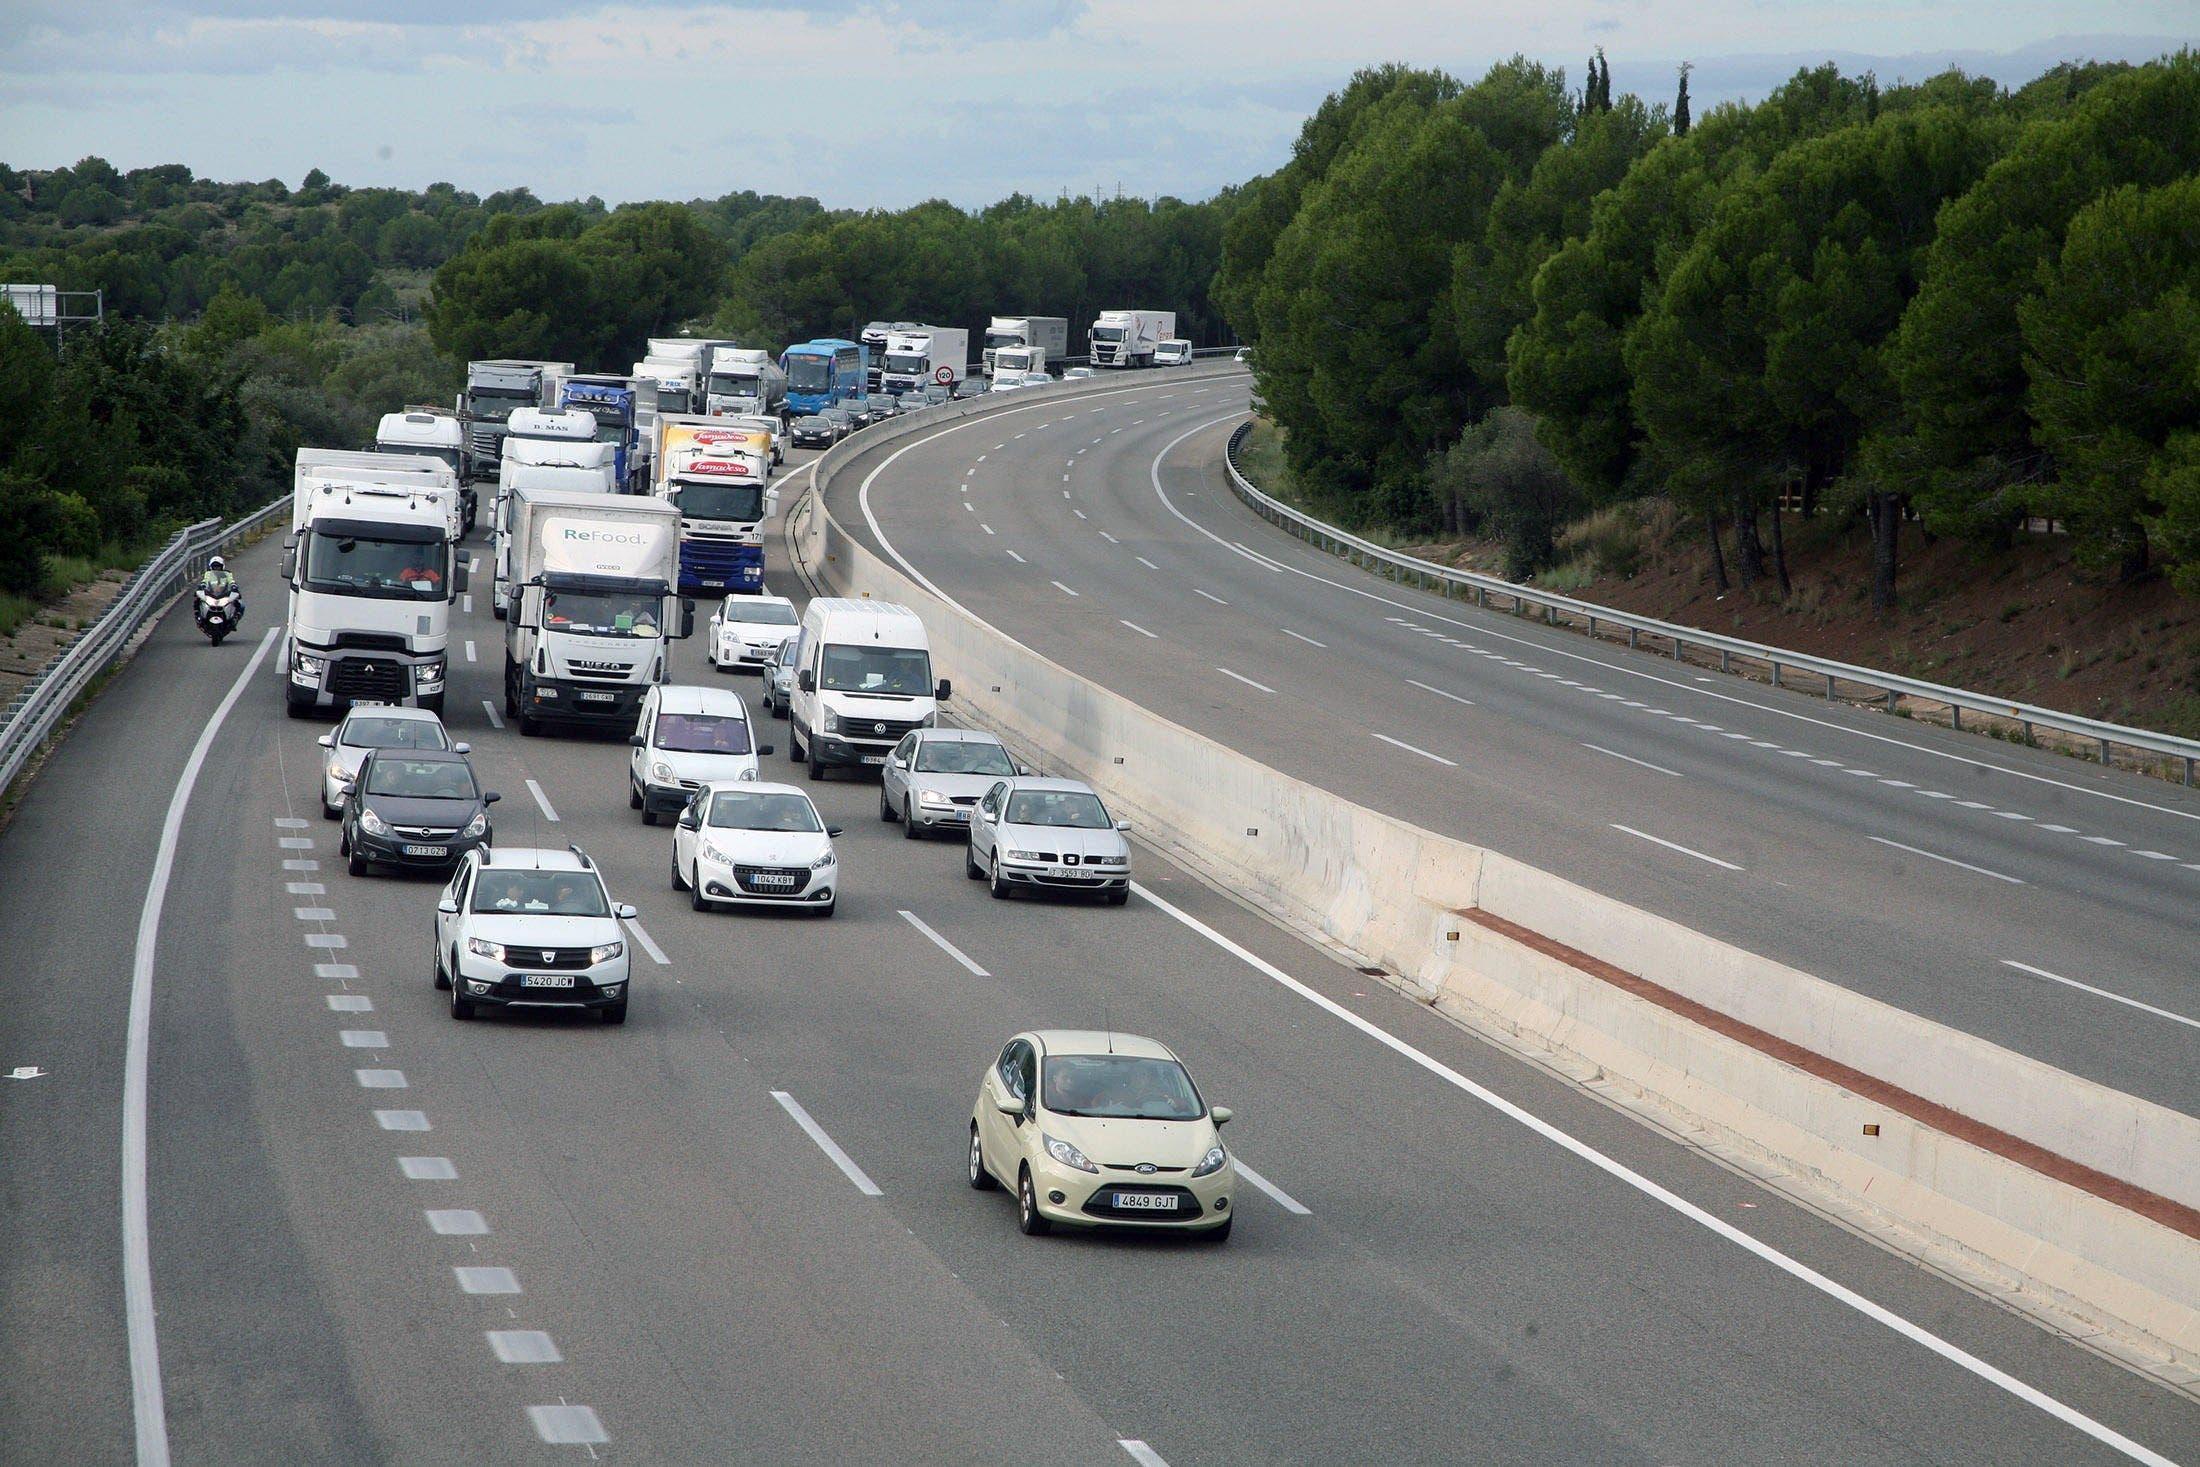 El tráfico de camiones amenaza el plan de autopistas de Sánchez